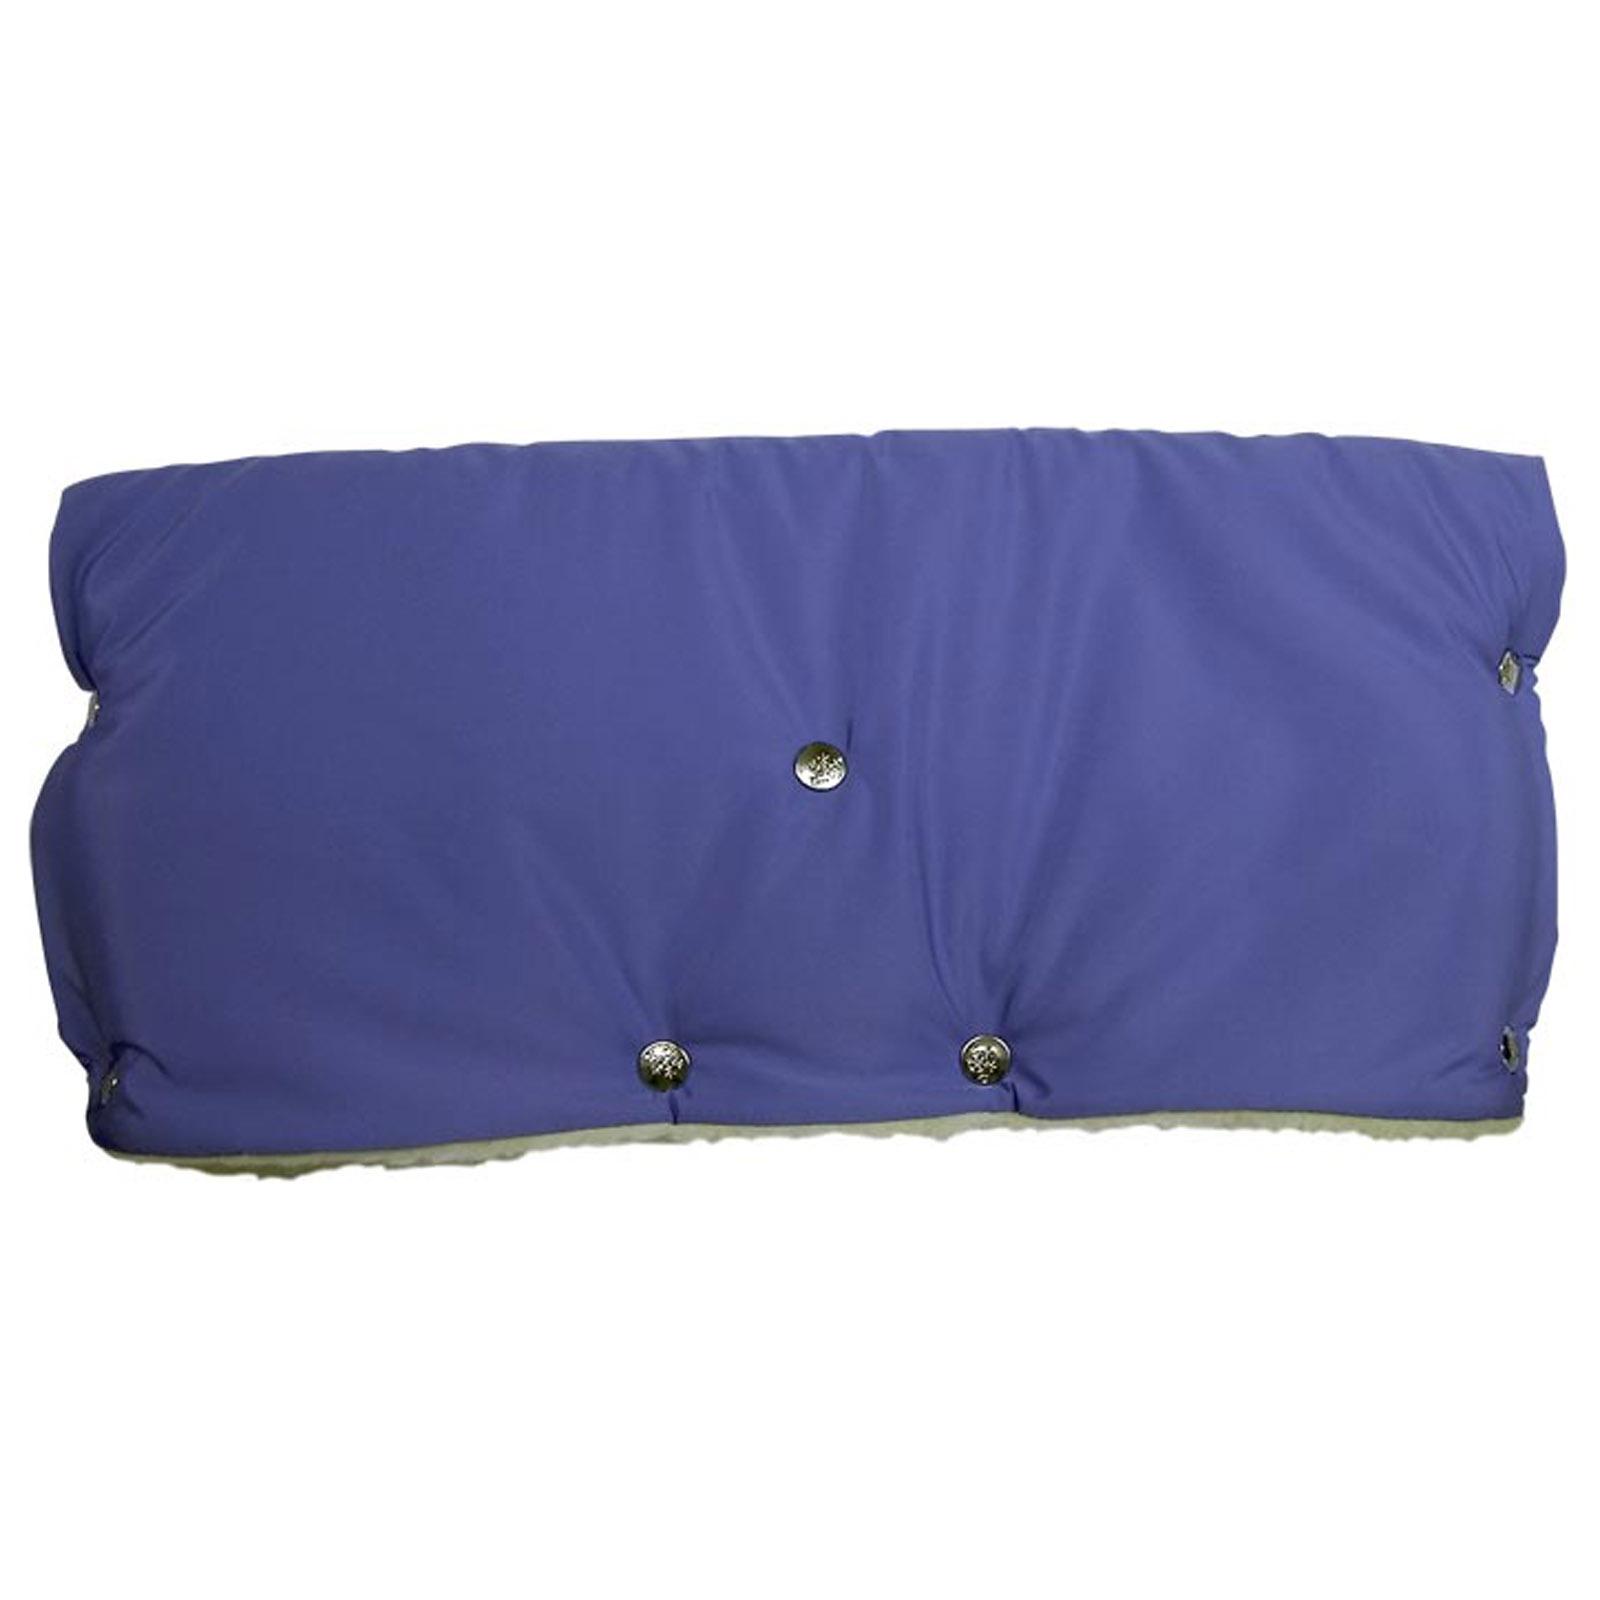 Муфта для коляски Чудо Чадо для защиты рук от холода на кнопках Голубая<br>